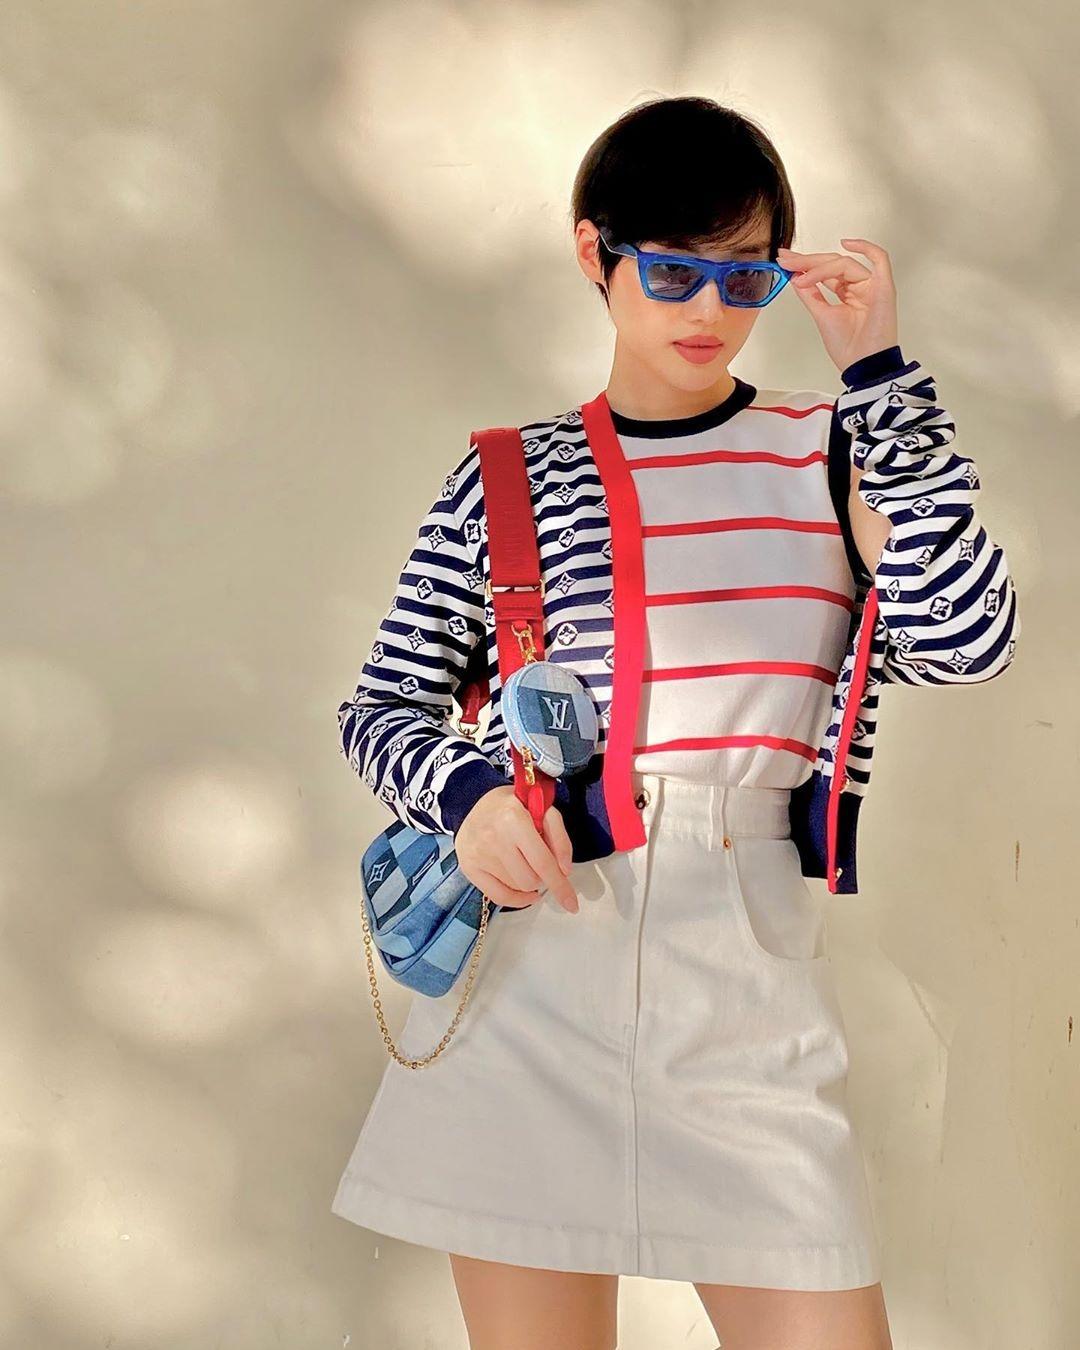 Cardigan lửng có cách mix rất đa dạng. Các cô gái có thể biến thành một chiếc áo khoác che nắng như Thiều Bảo Trang, Khánh Linh.